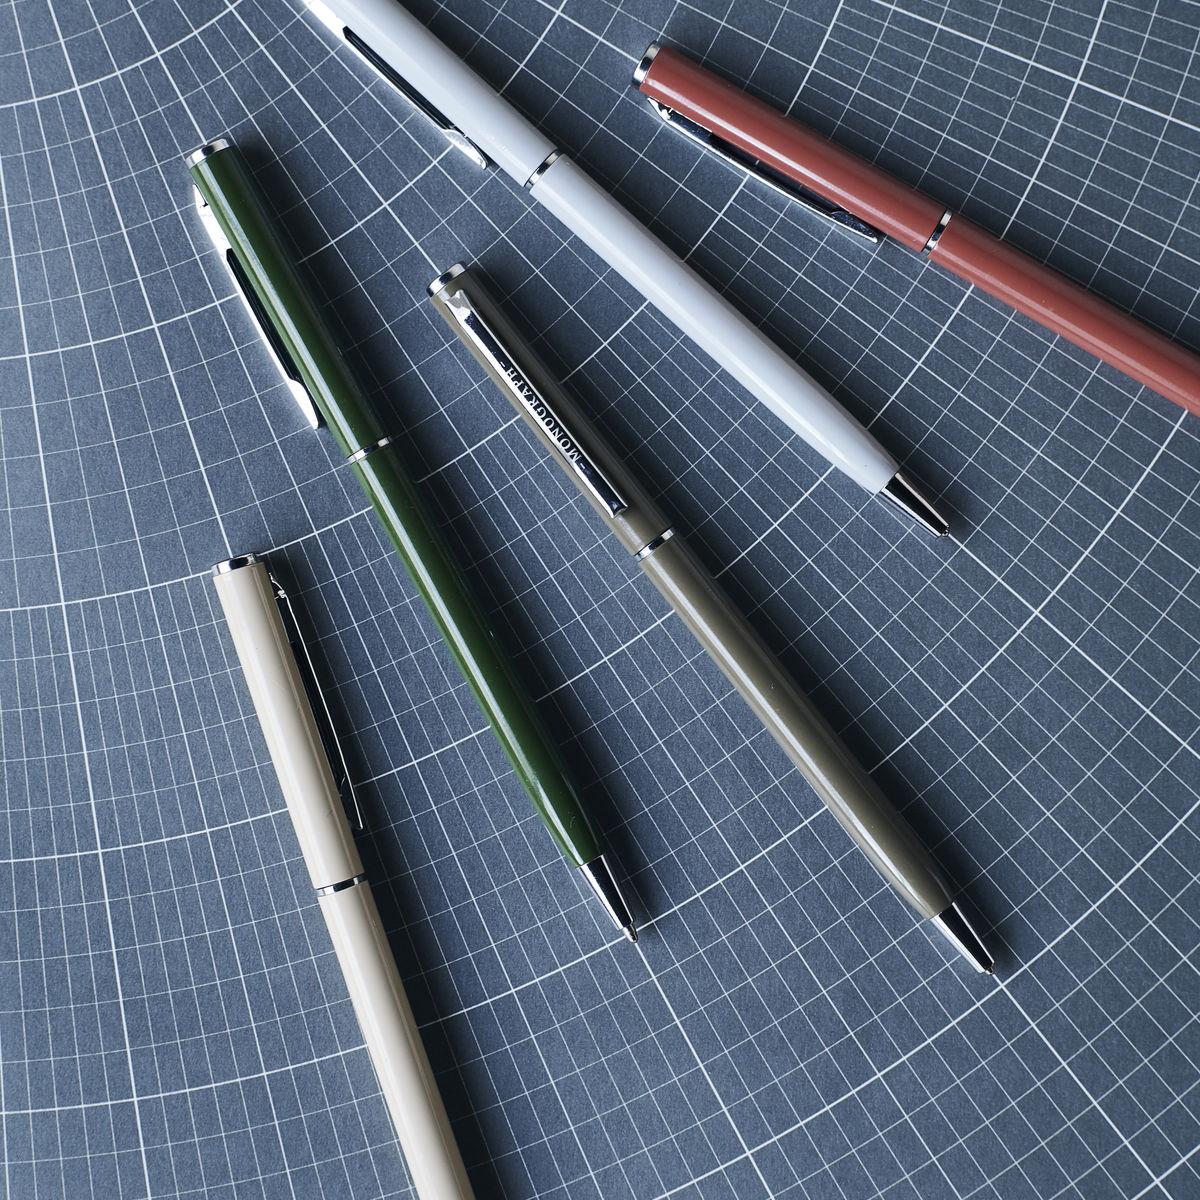 Bläckpenna m. svart bläck Norm